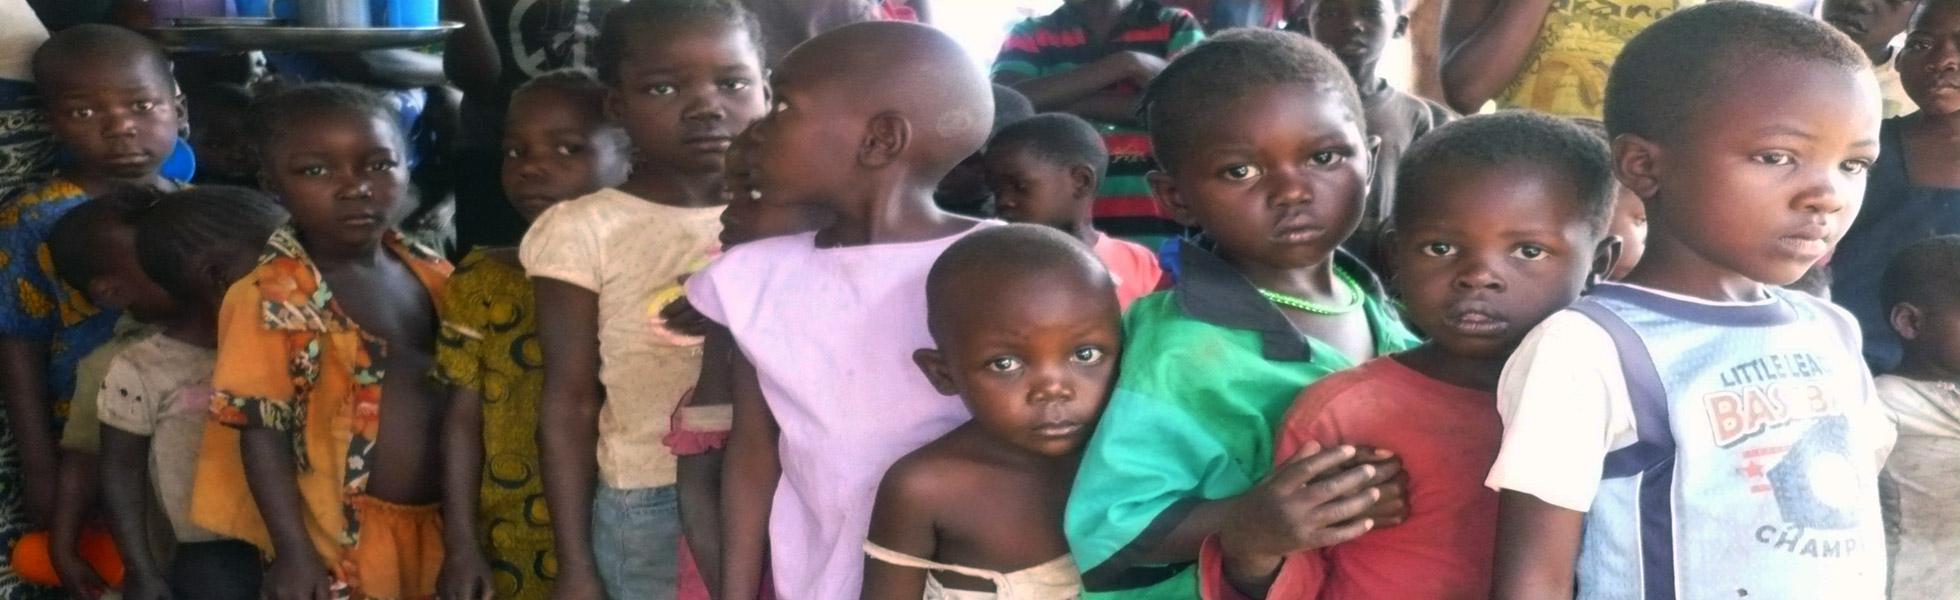 En Sudán del Sur, la supervivencia es la lucha cotidiana para los ciudadanos corrientes